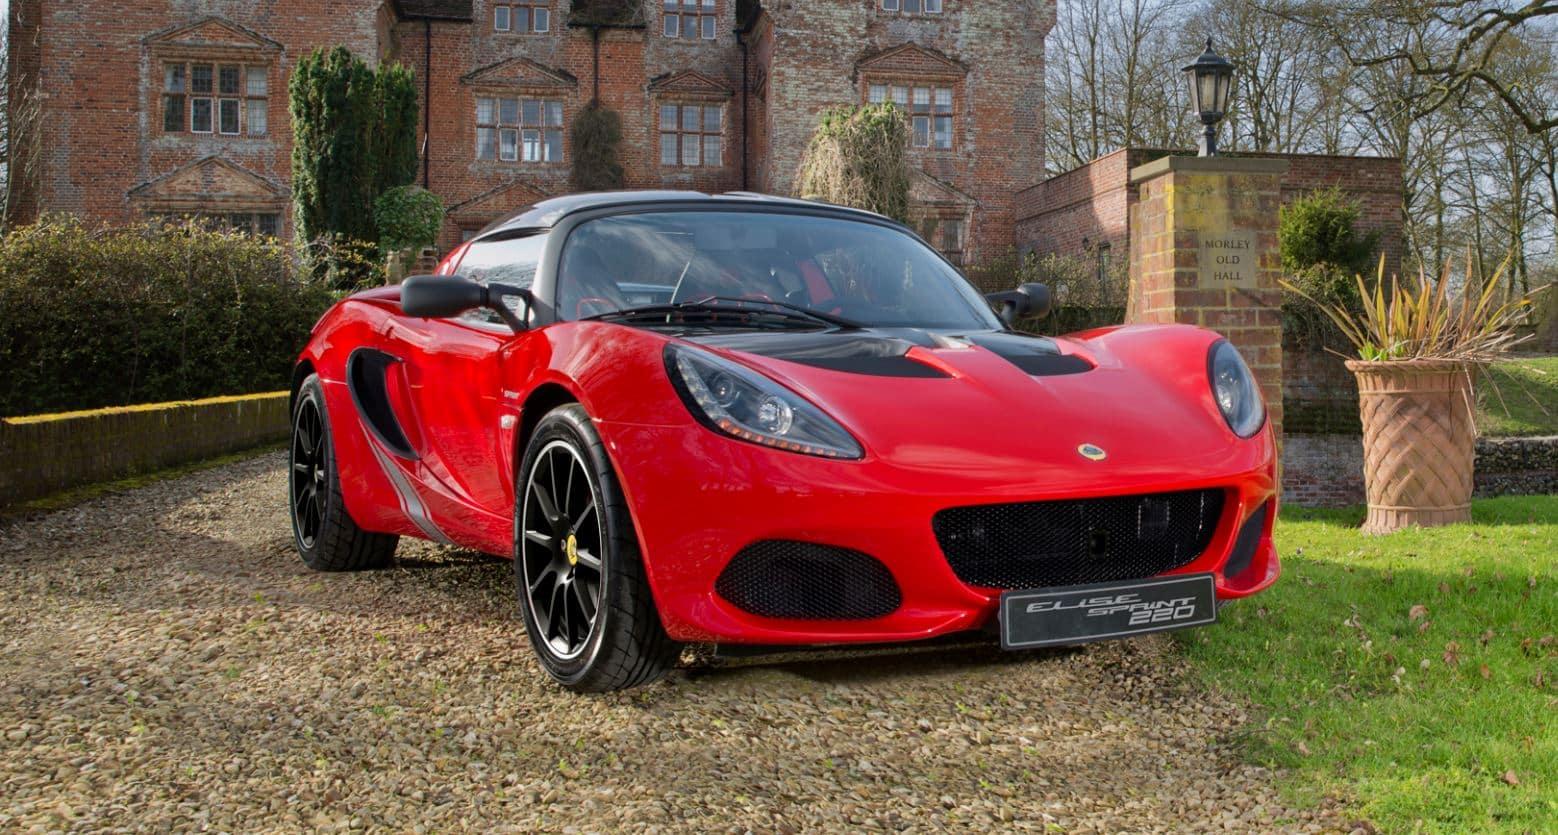 Lotus Elise Sprint 220 7